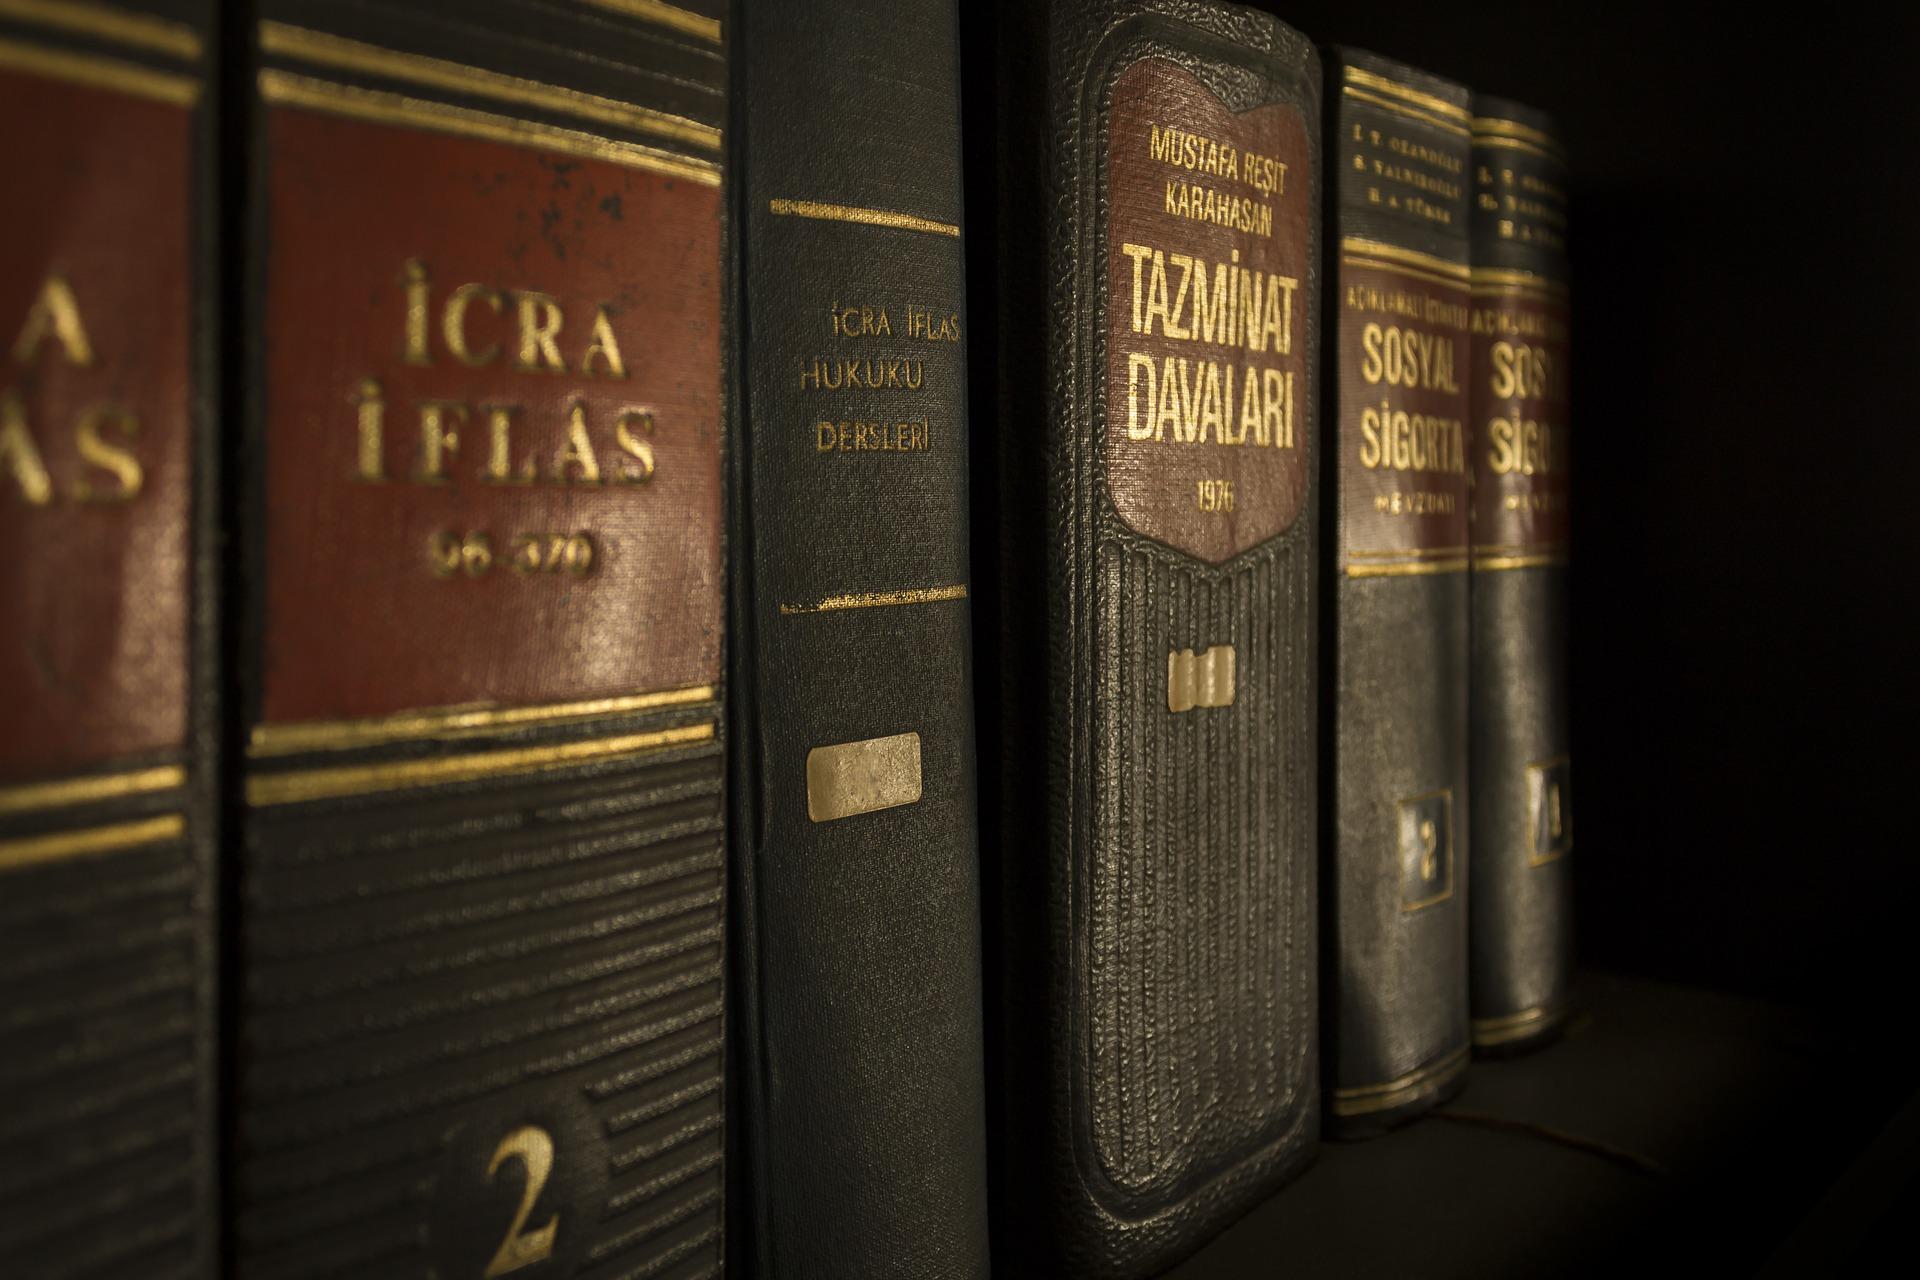 利用規約は民法改正で何が変わった?定型約款についても解説